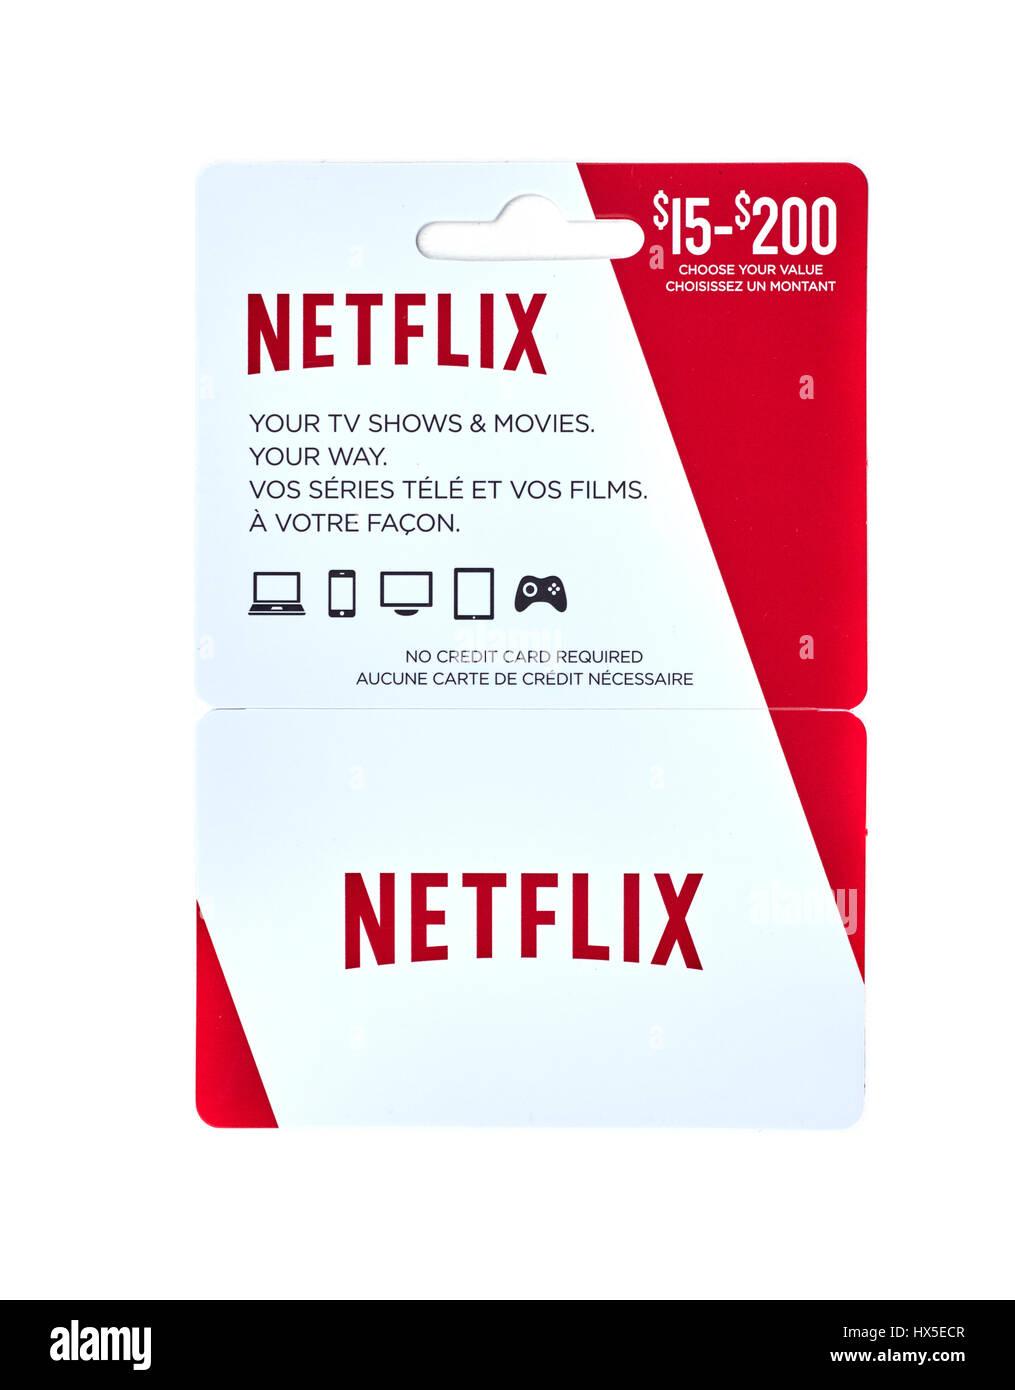 MONTREAL, Kanada - 10. März 2017: Netflix beliebte Giftcard. Die Card ist eine Prepaid-gespeicherten Wert Geld Stockbild